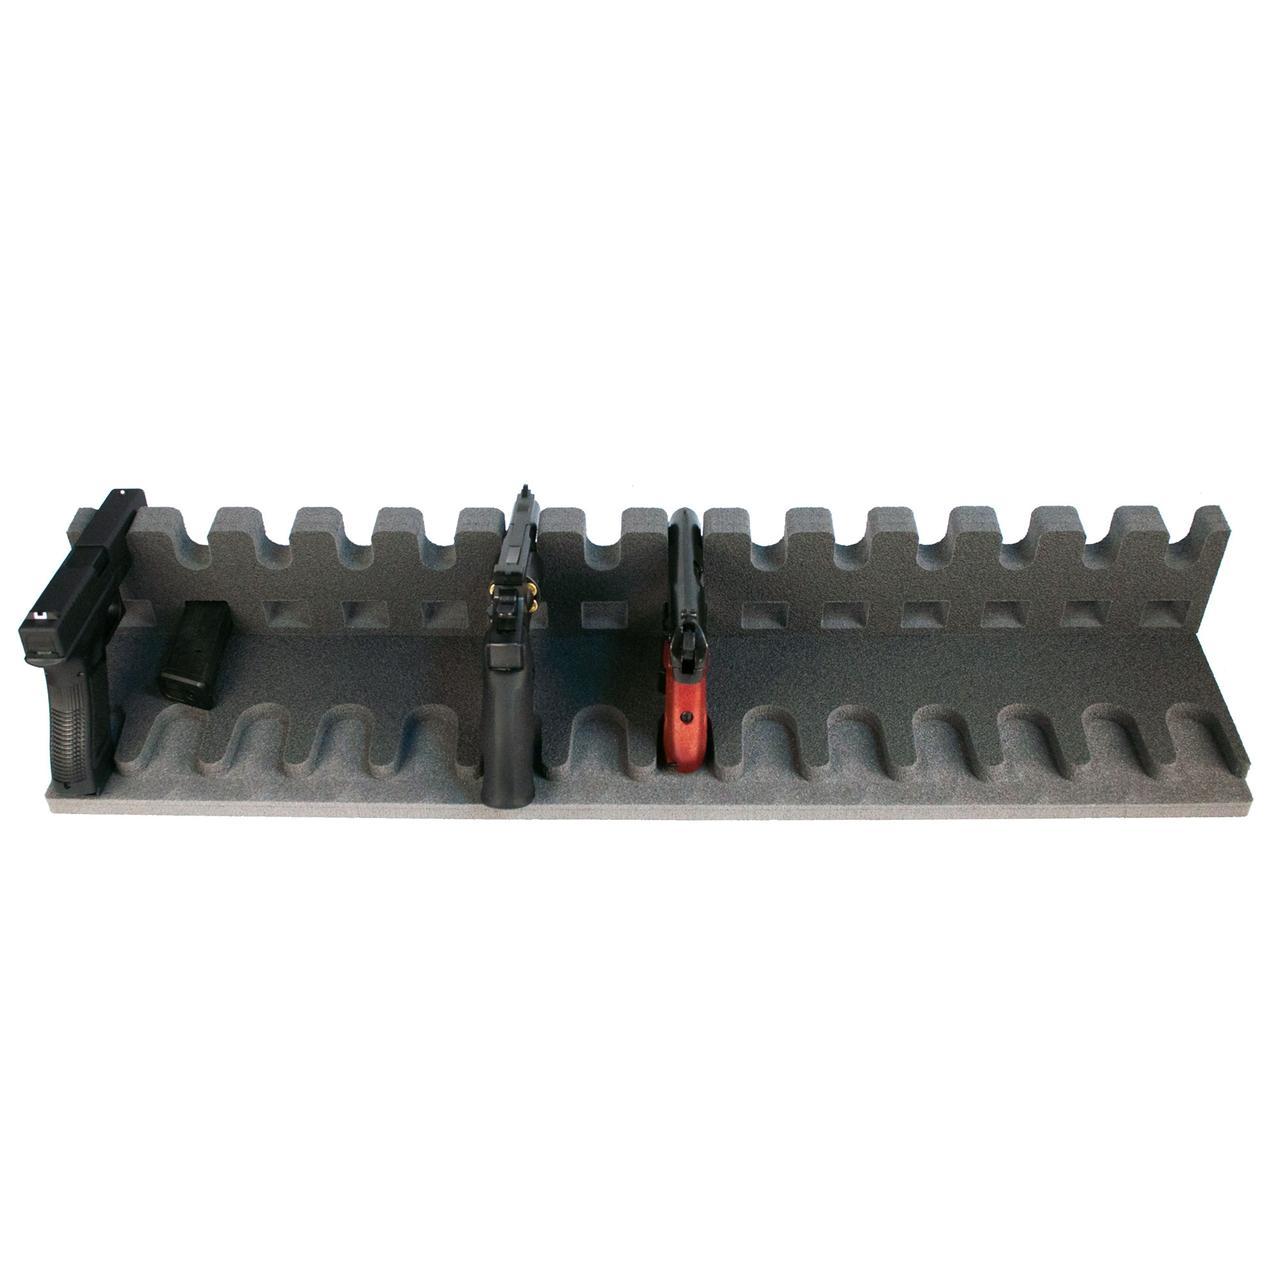 Ложемент / Підставка для пістолетів GR14 на 14 пістолетів і на 14 магазинів